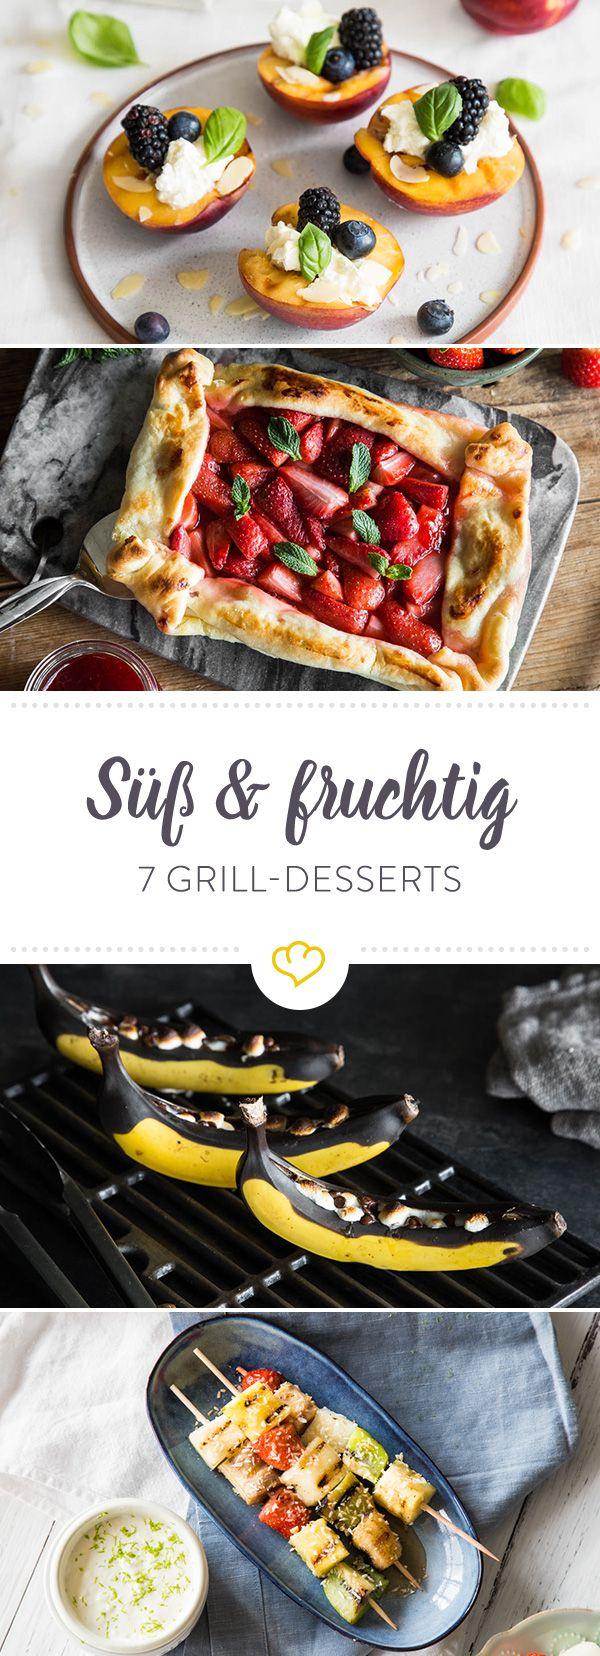 Grill Desserts - 7 schmackhafte Naschereien vom Rost #grilleddesserts